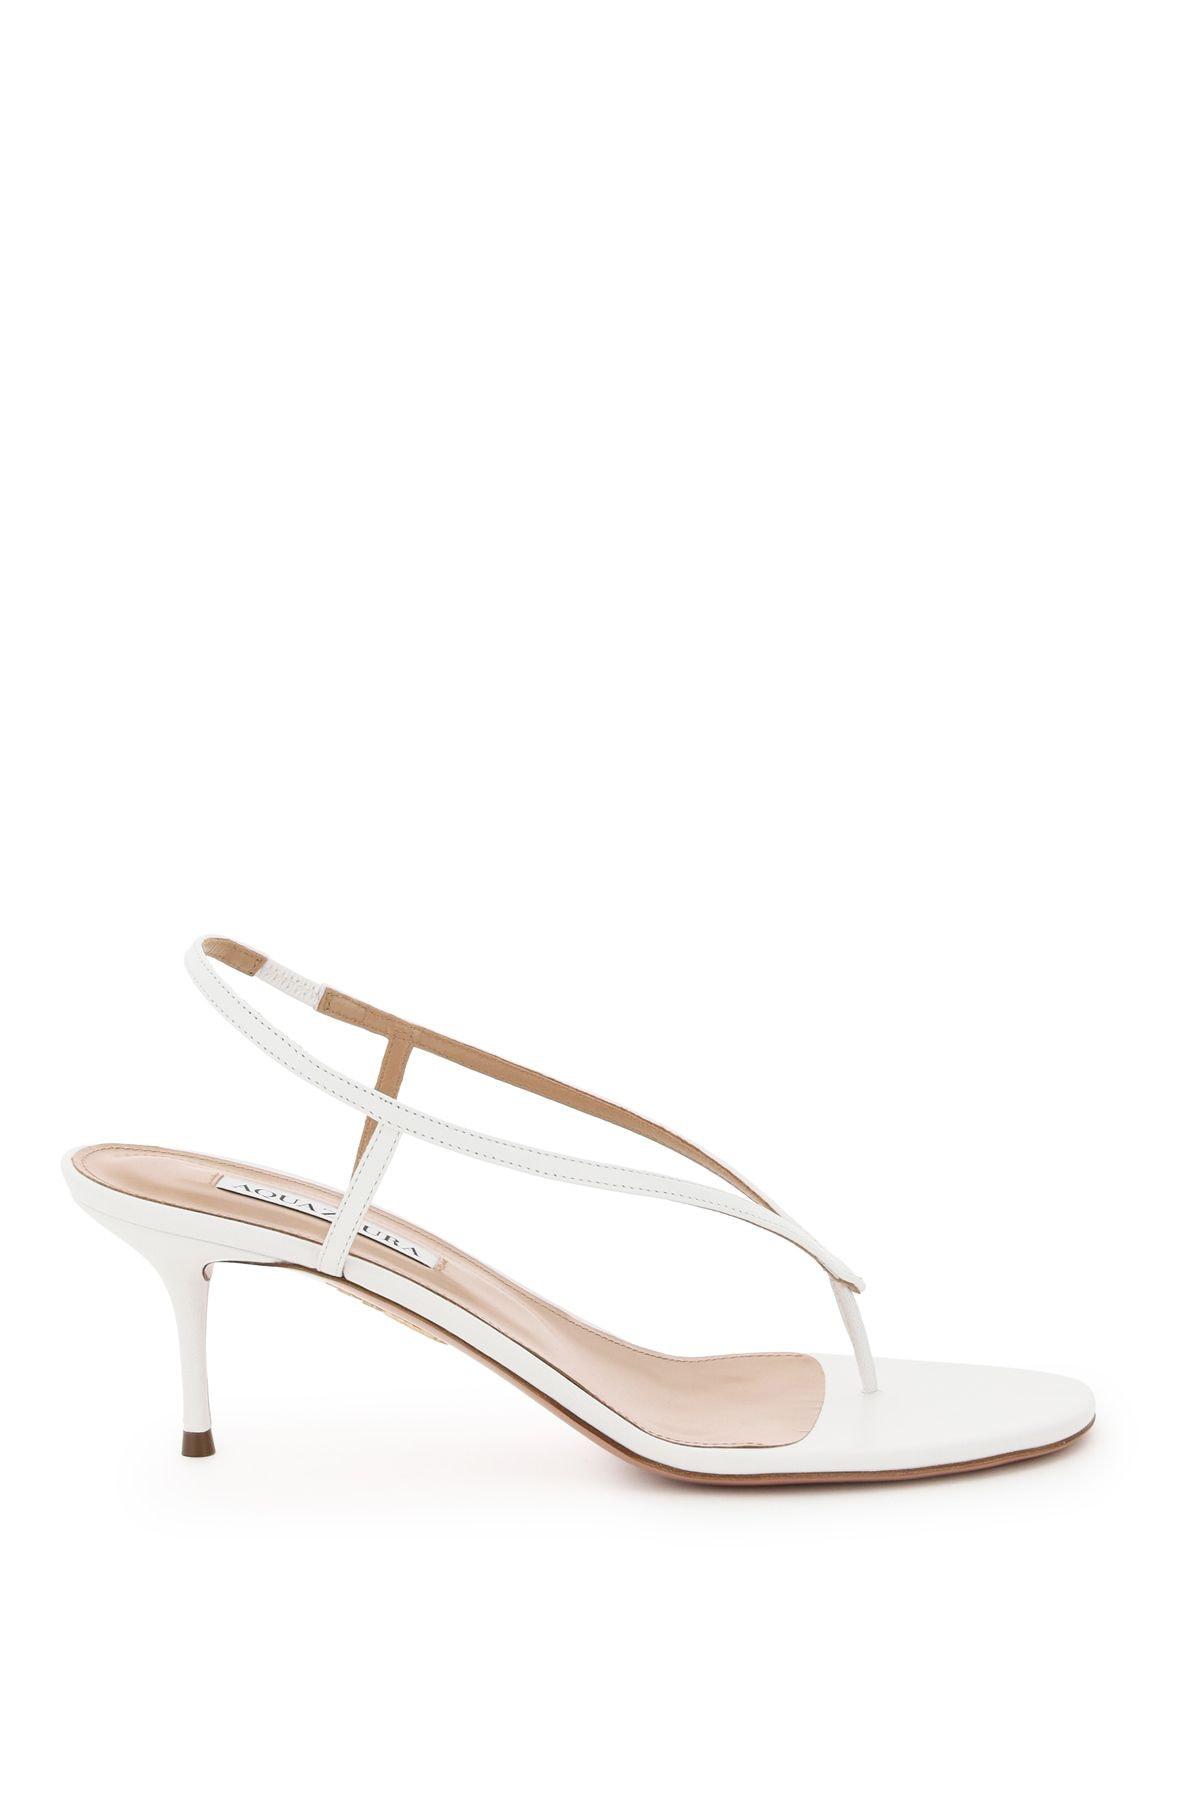 Aquazzura Divina Thong Sandals: image 1